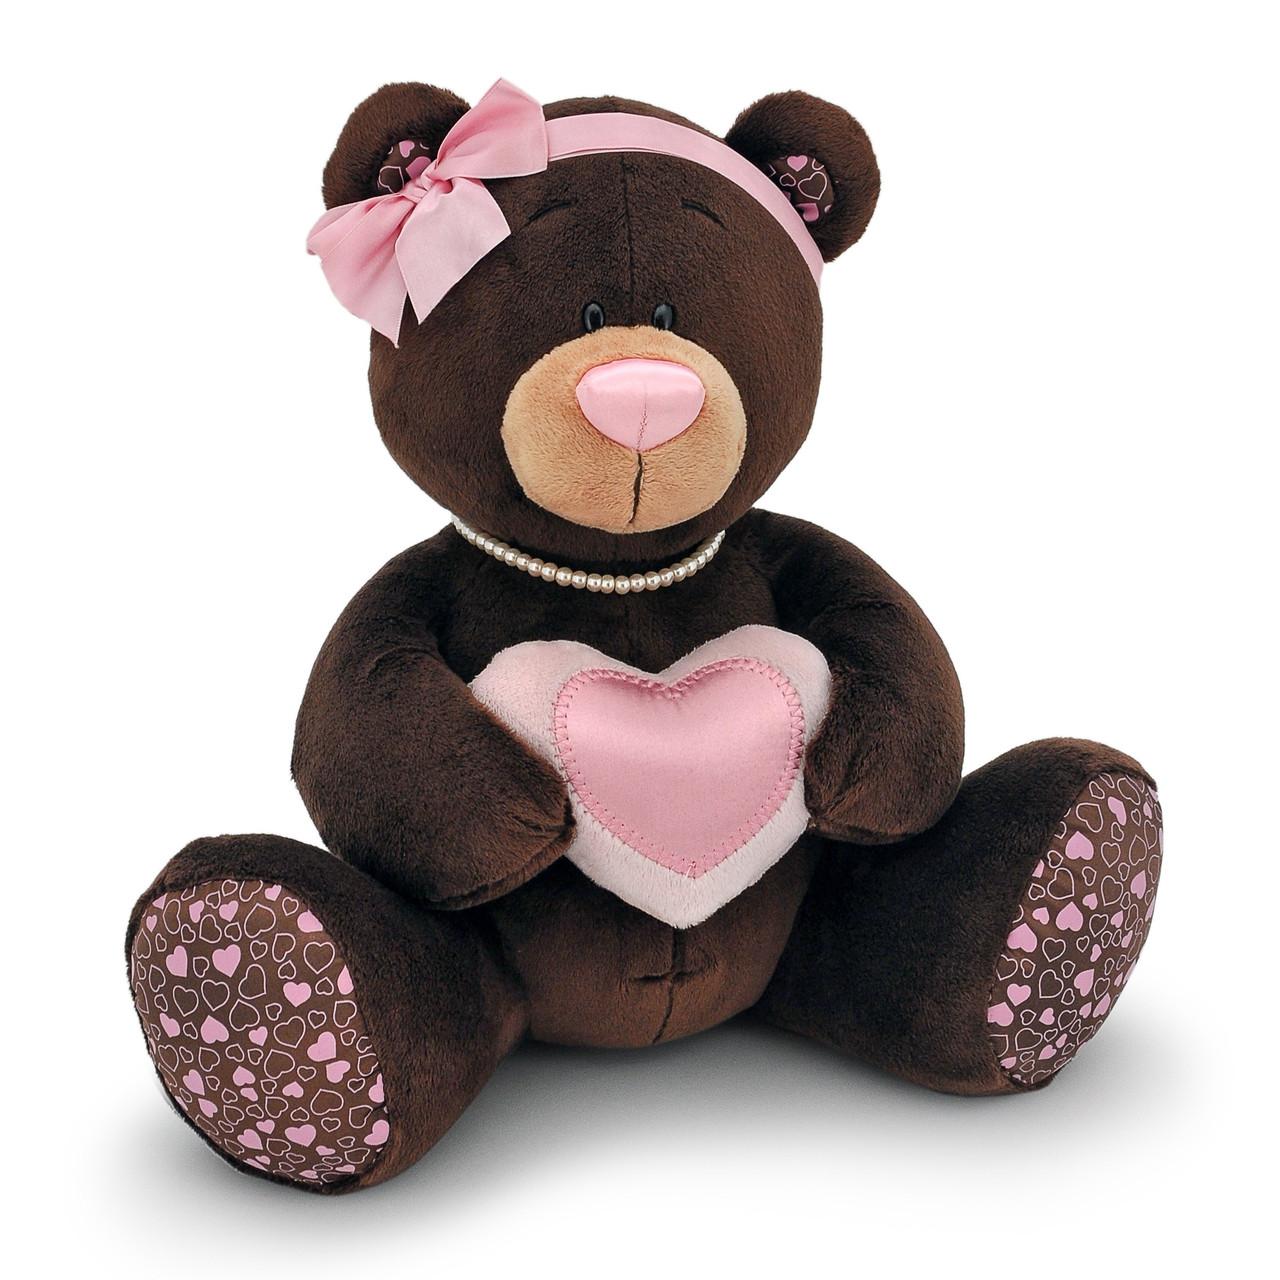 Мягкая игрушка «Orange» (M003/30) медвежонок Milk с сердечком сидячая, 30 см